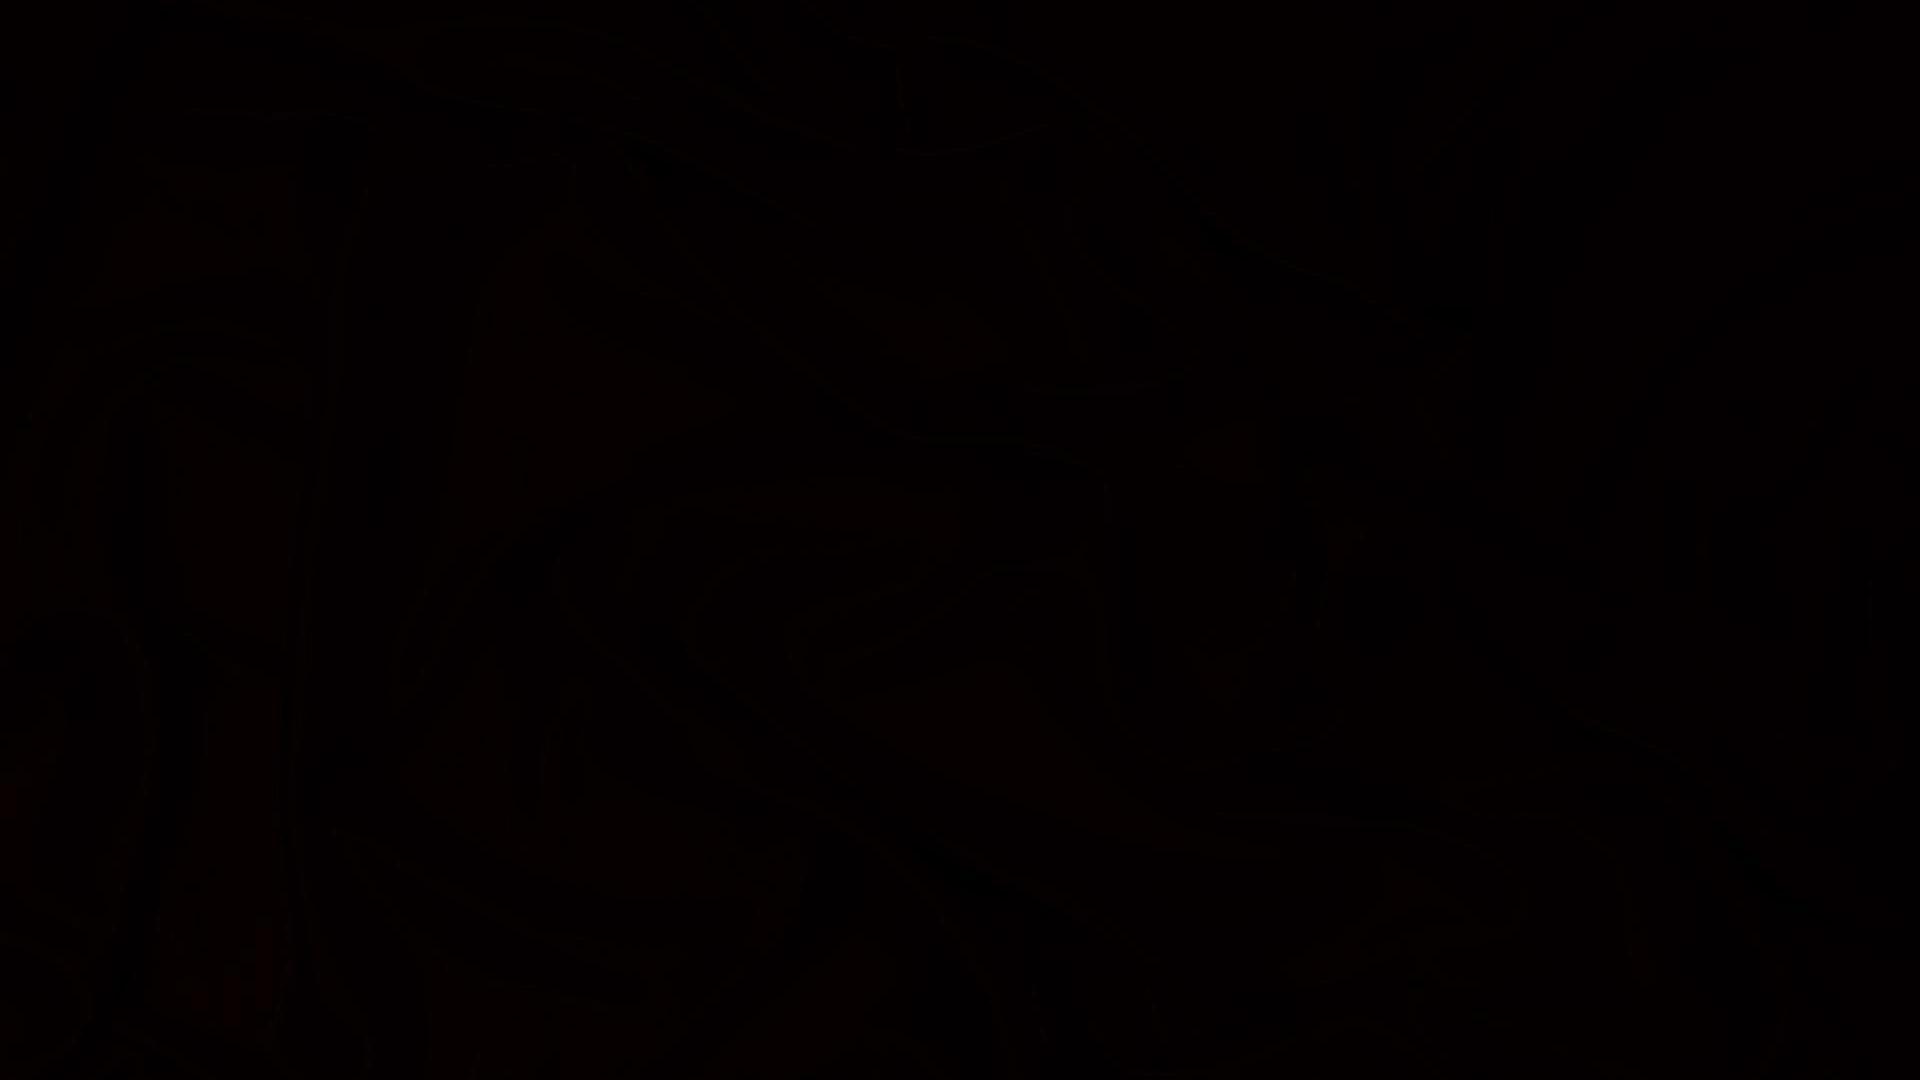 Black Screen Wallpaper Ps4wallpapers Com